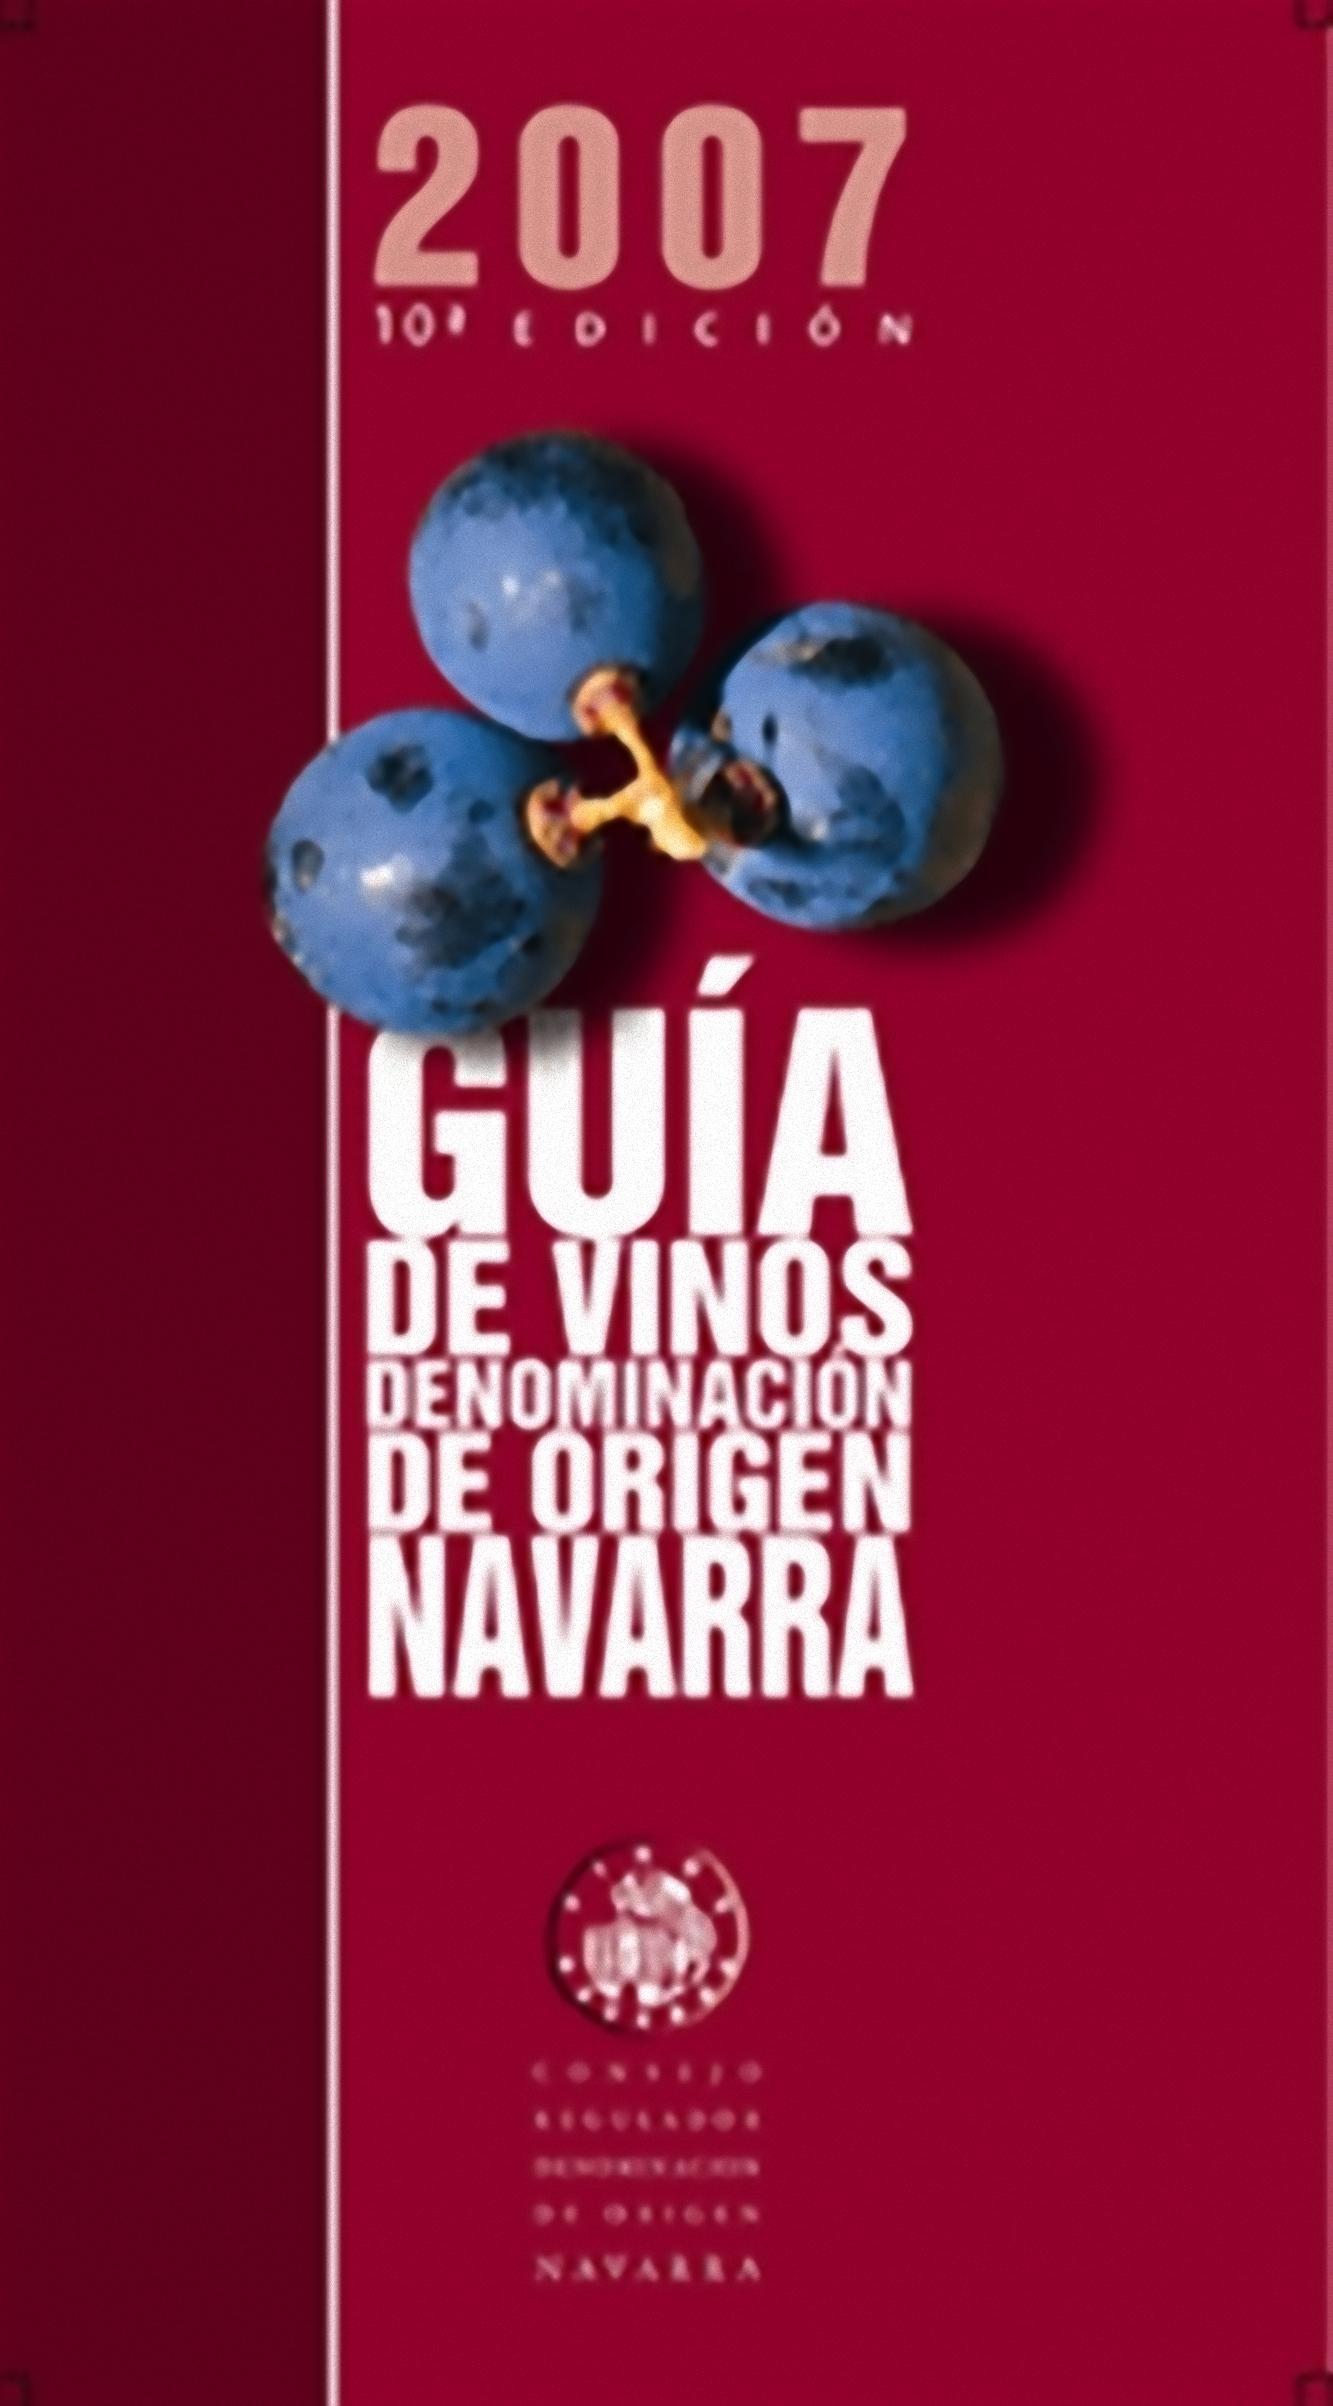 Guía de Vinos Denominación de Origen Navarra 2007